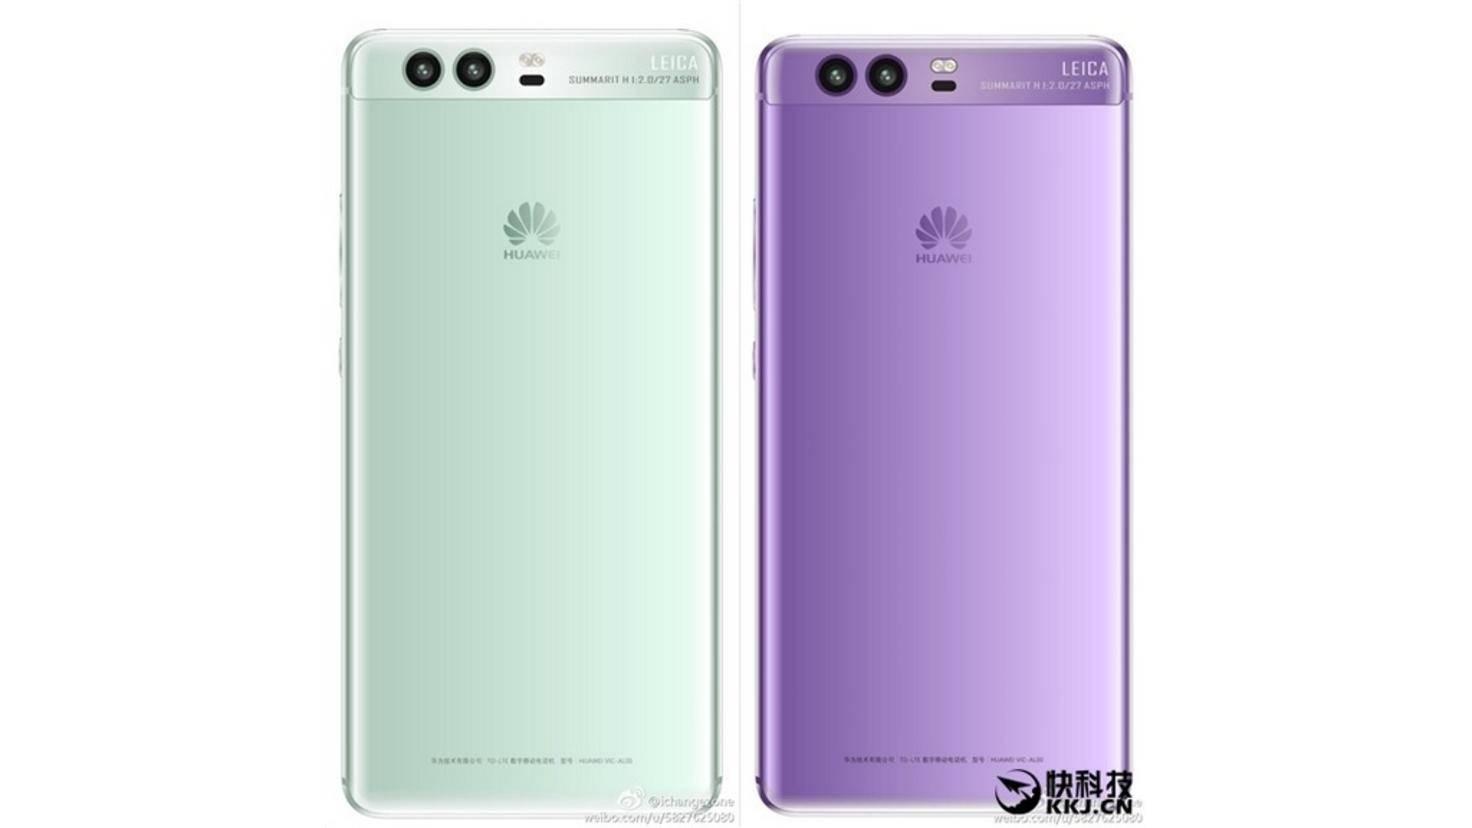 Huawei P10 Render Violett